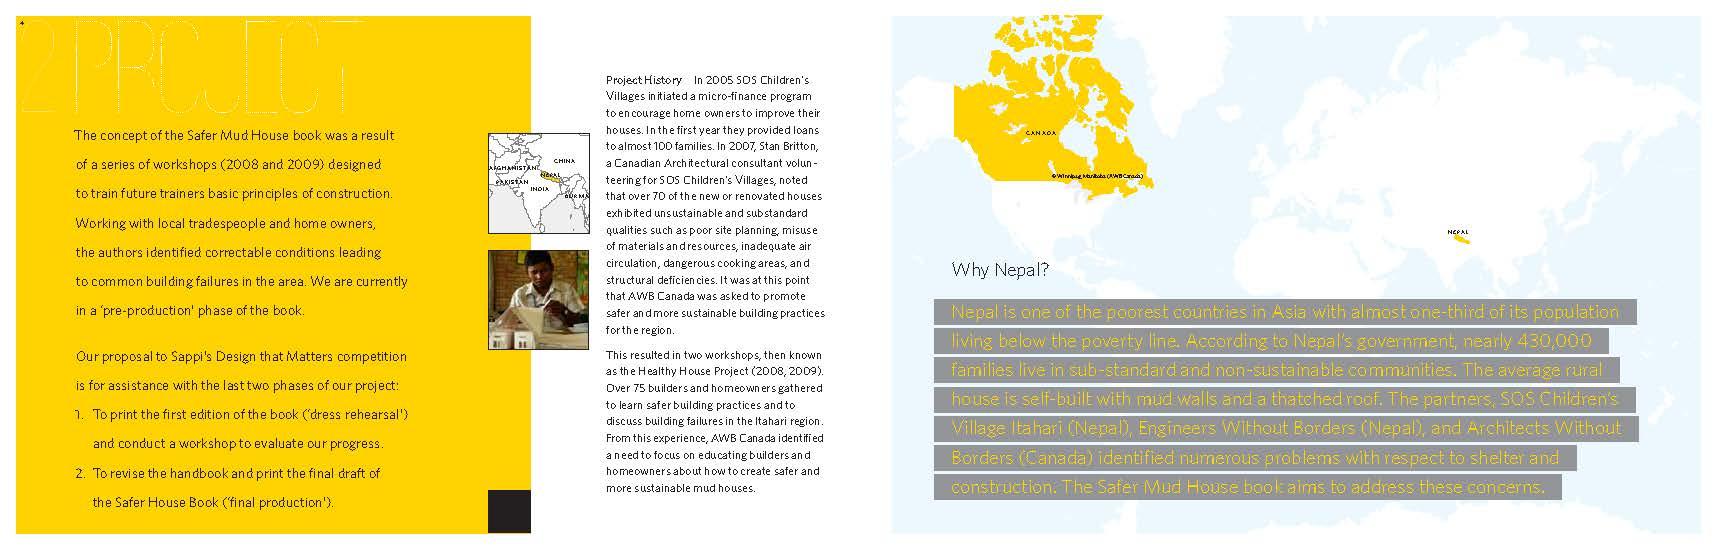 safer house website page 2.jpg